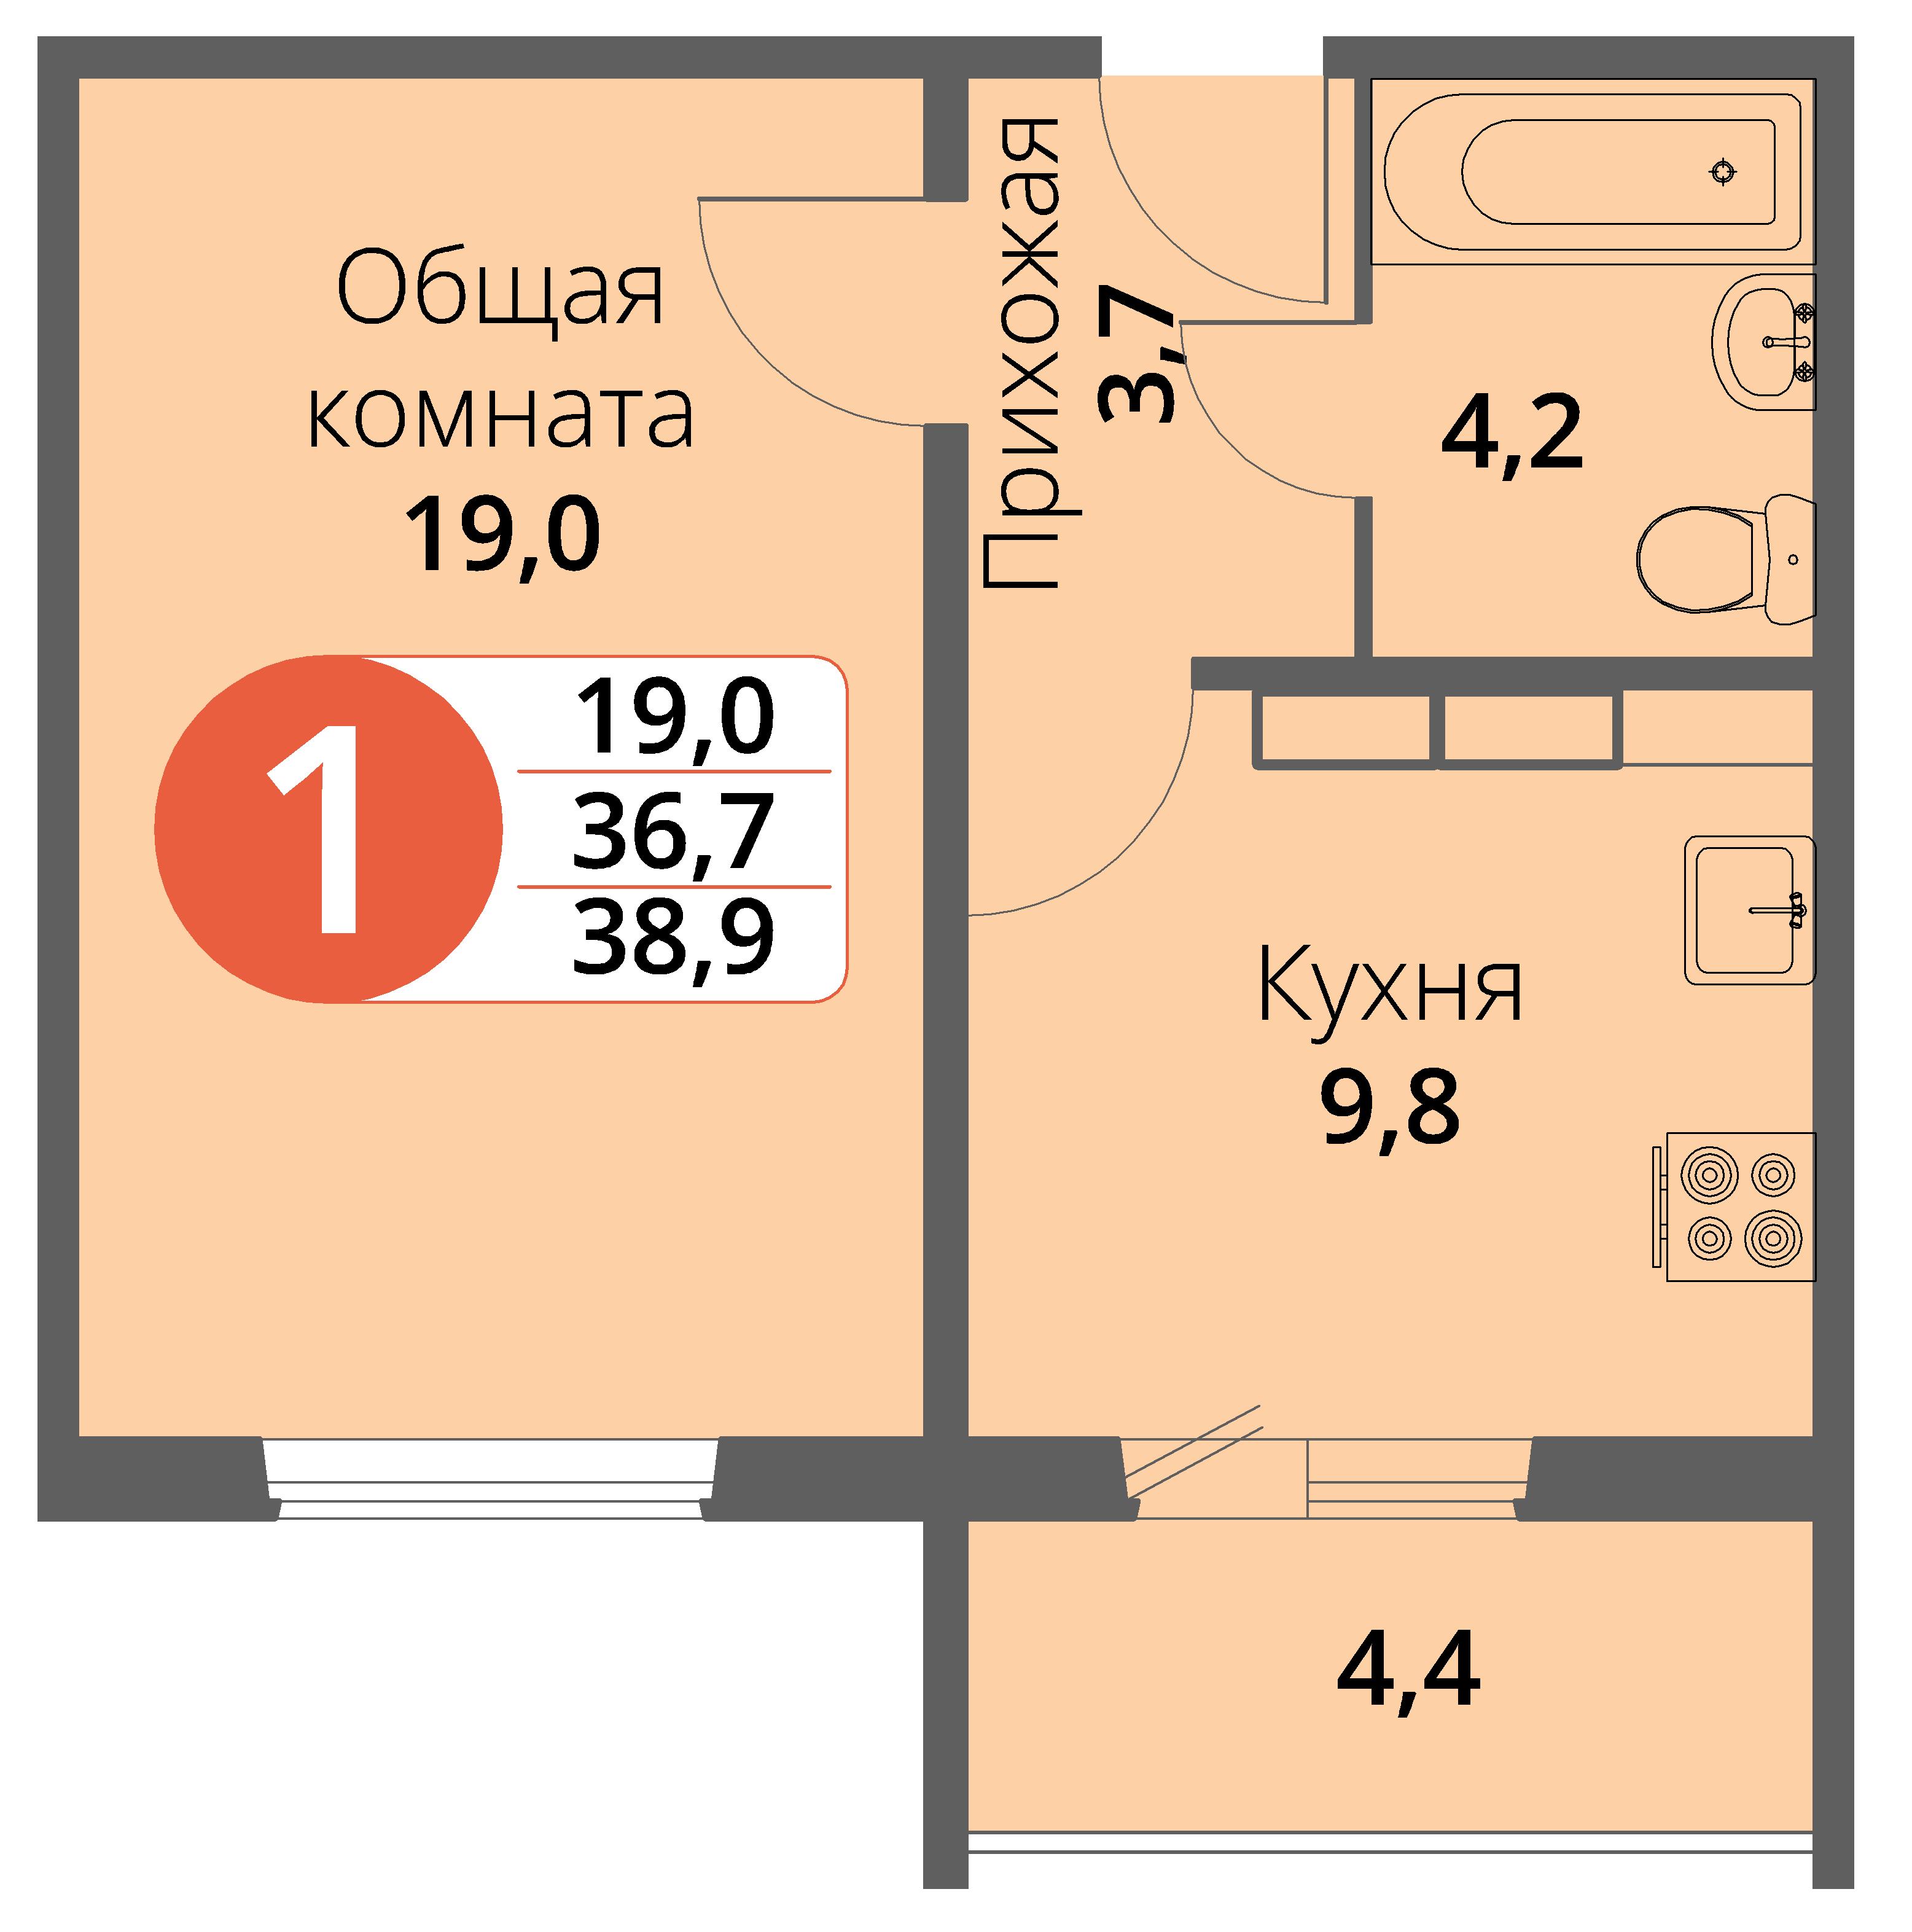 Зареченская 1-2, квартира 94 - Однокомнатная